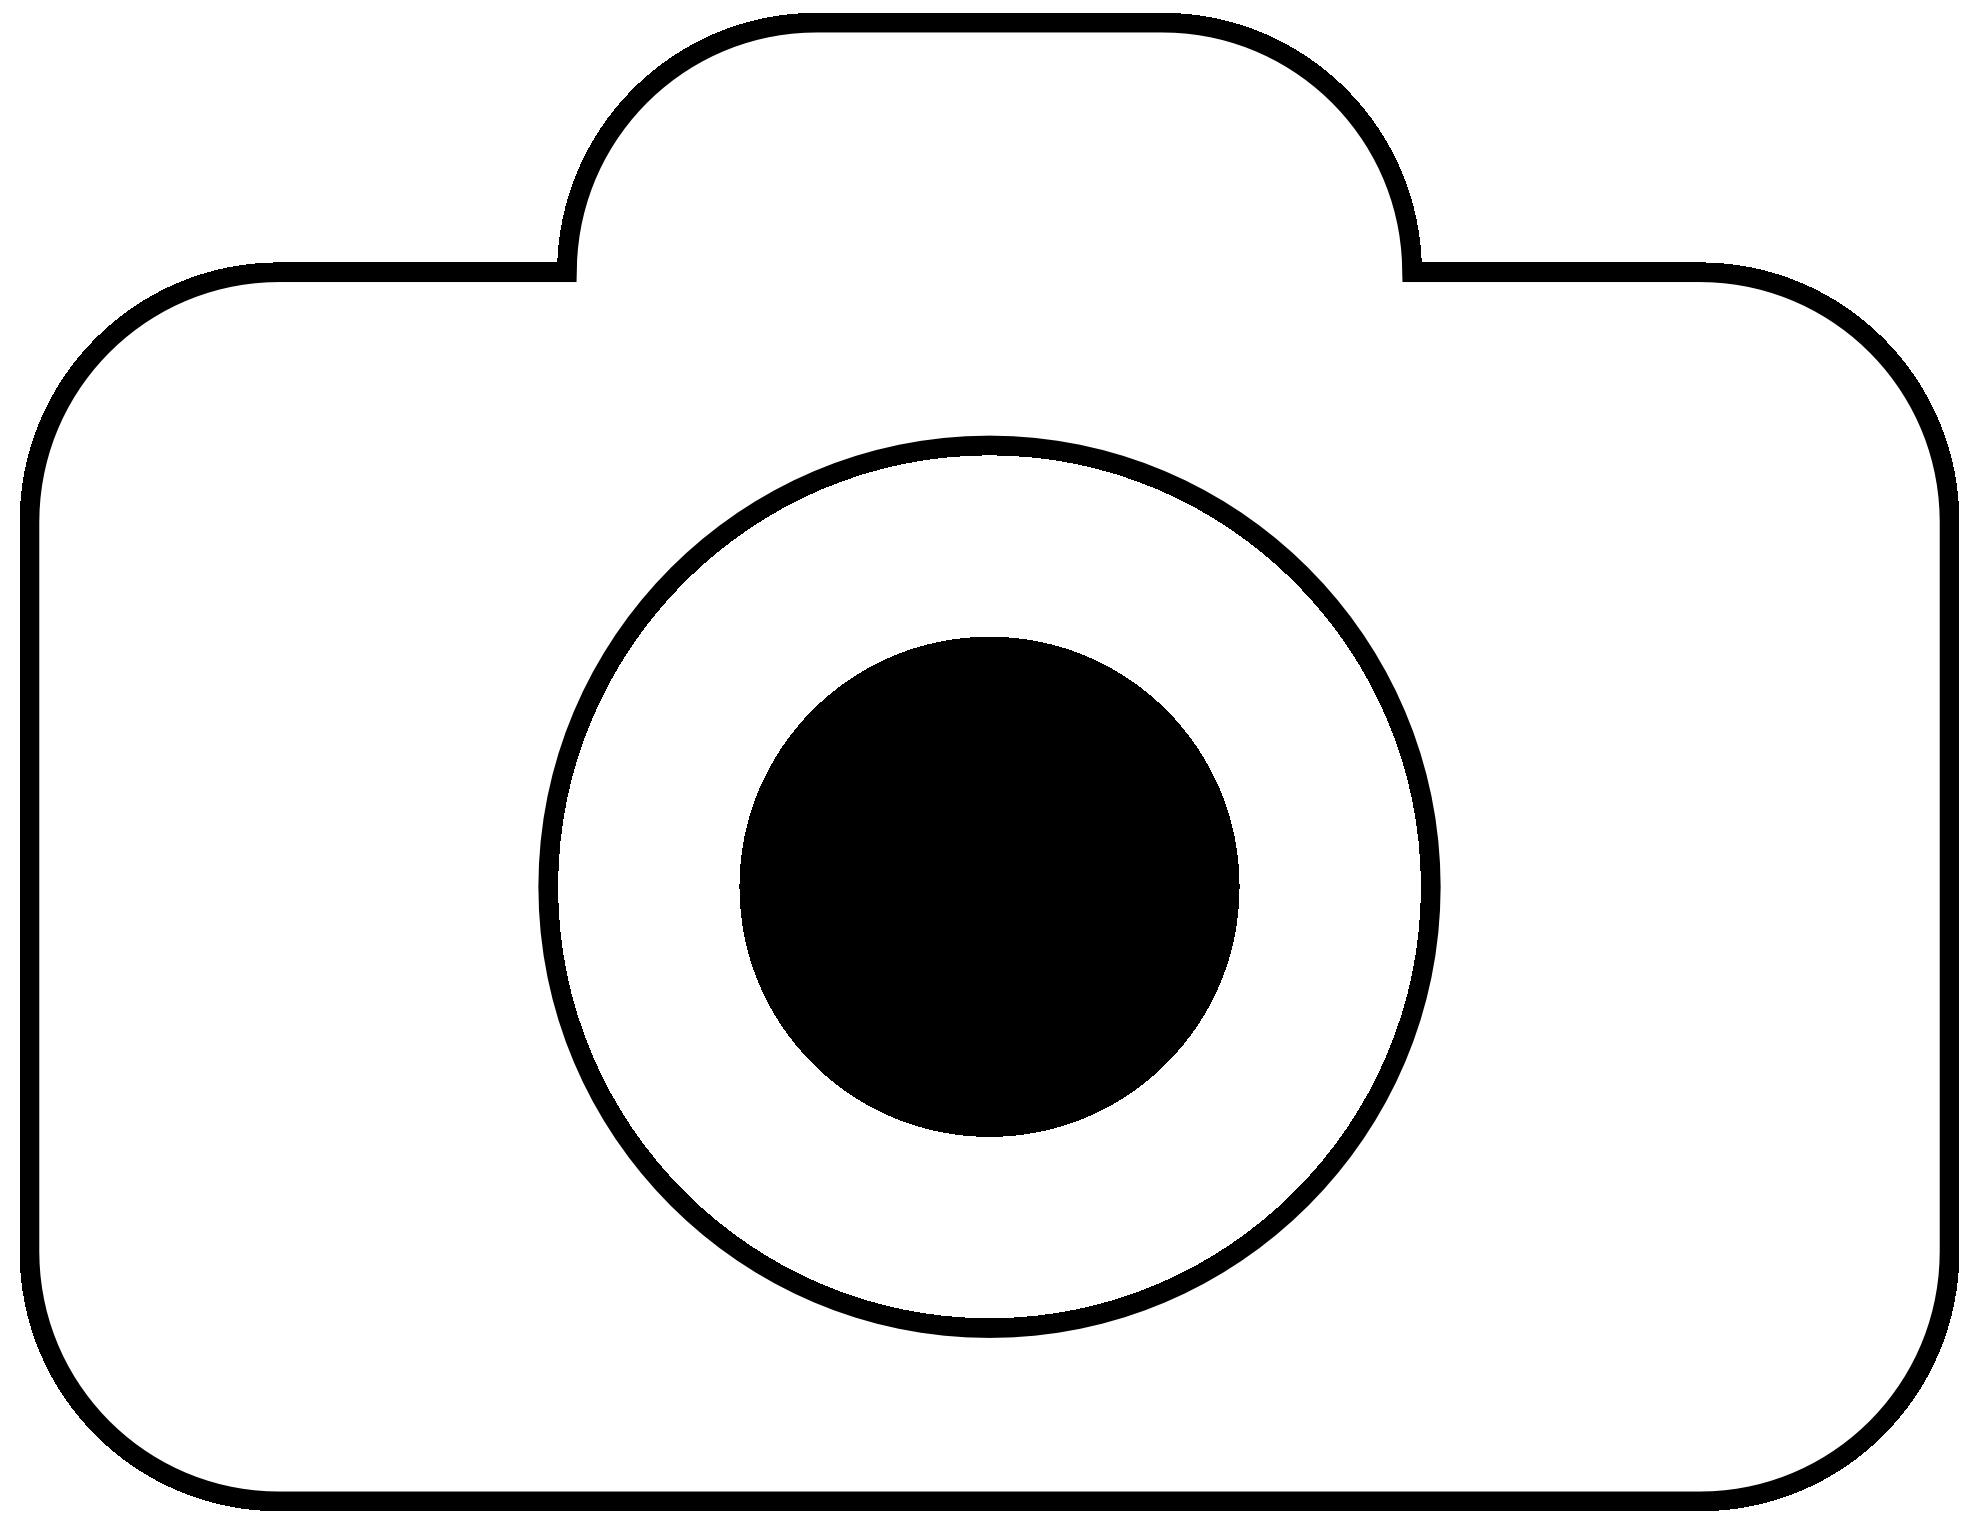 Fotocamera Foto Camera Icon Black White Line Art Coloring Book ...: cliparts.co/camera-vector-art